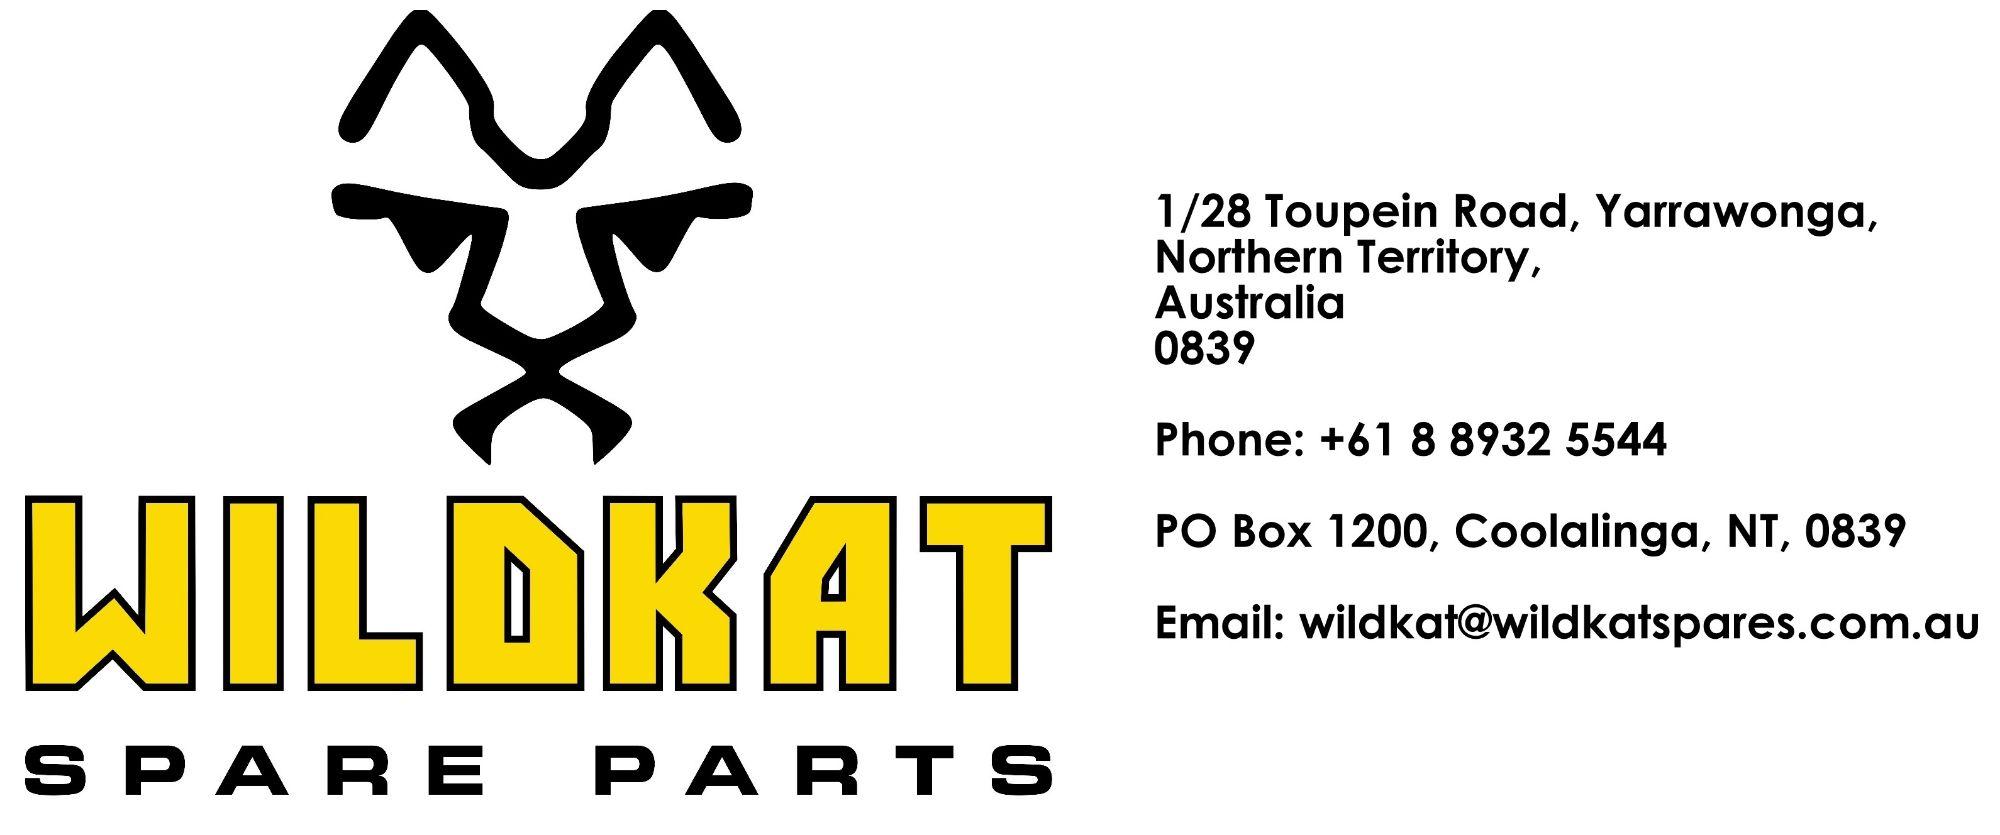 Wildkat Contact Details